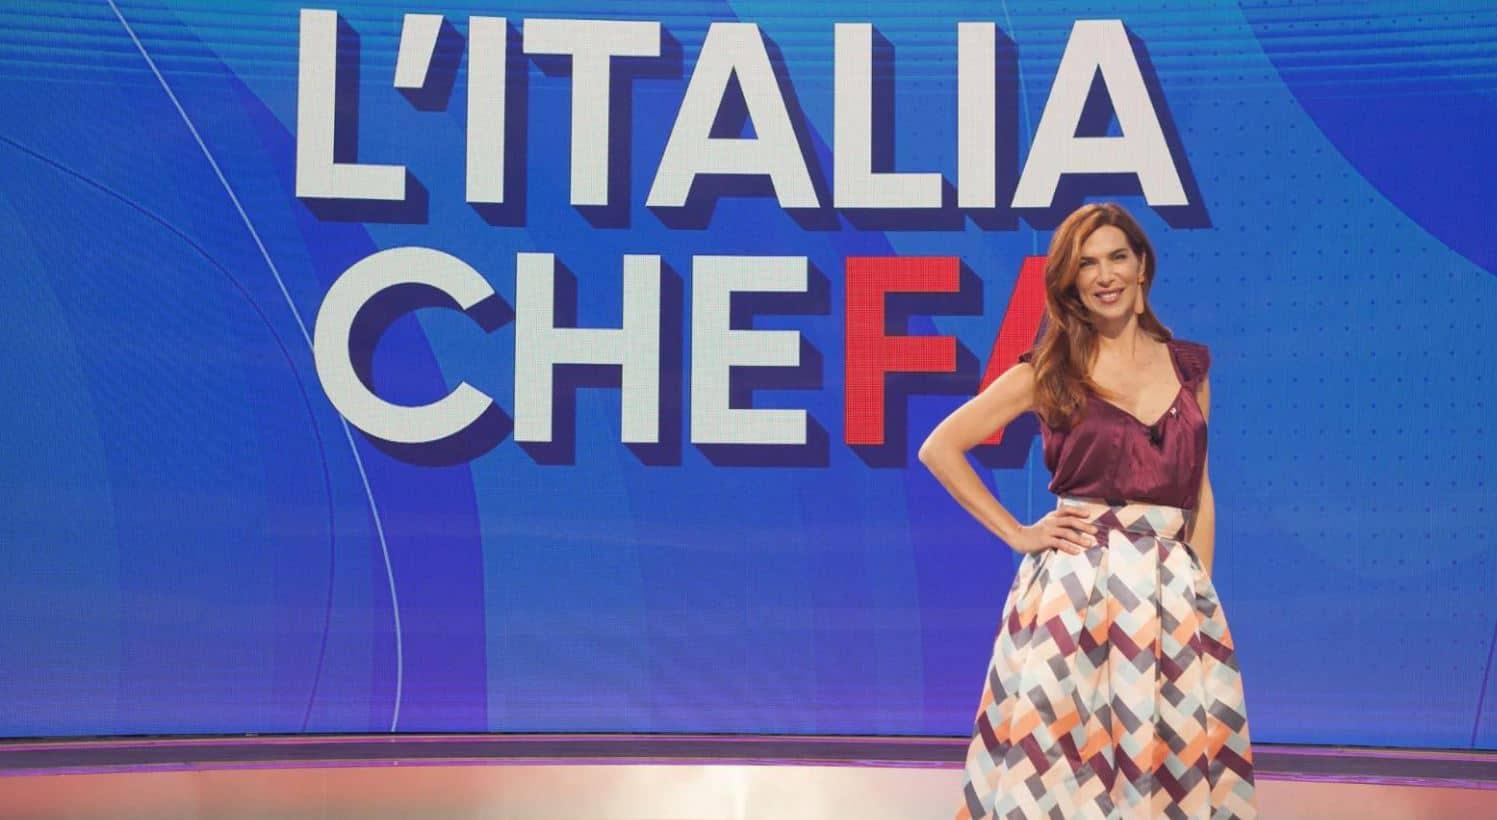 L'Italia che fa è il nuovo programma di Rai 2 con Veronica Maya: la prima settimana